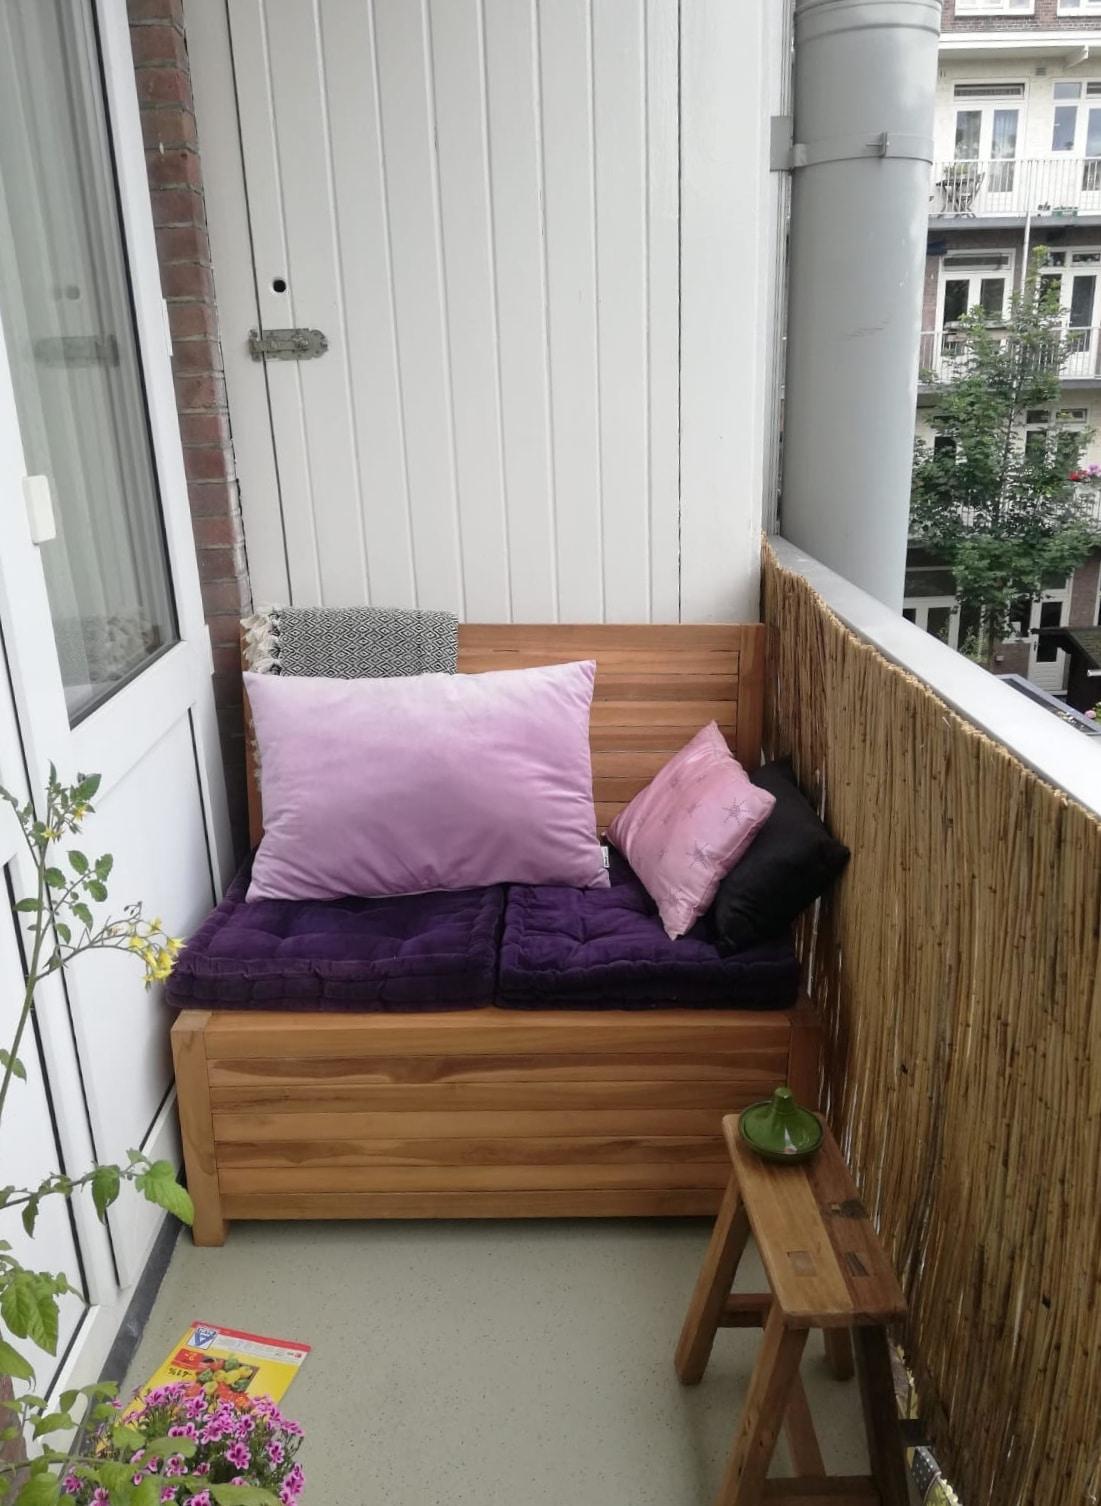 Balkon bankje zonder leuning met opbergruimte. Doe hier je balkon bank kussens in en bespaar jezelf veel kostbare ruimte op je smalle balkon.